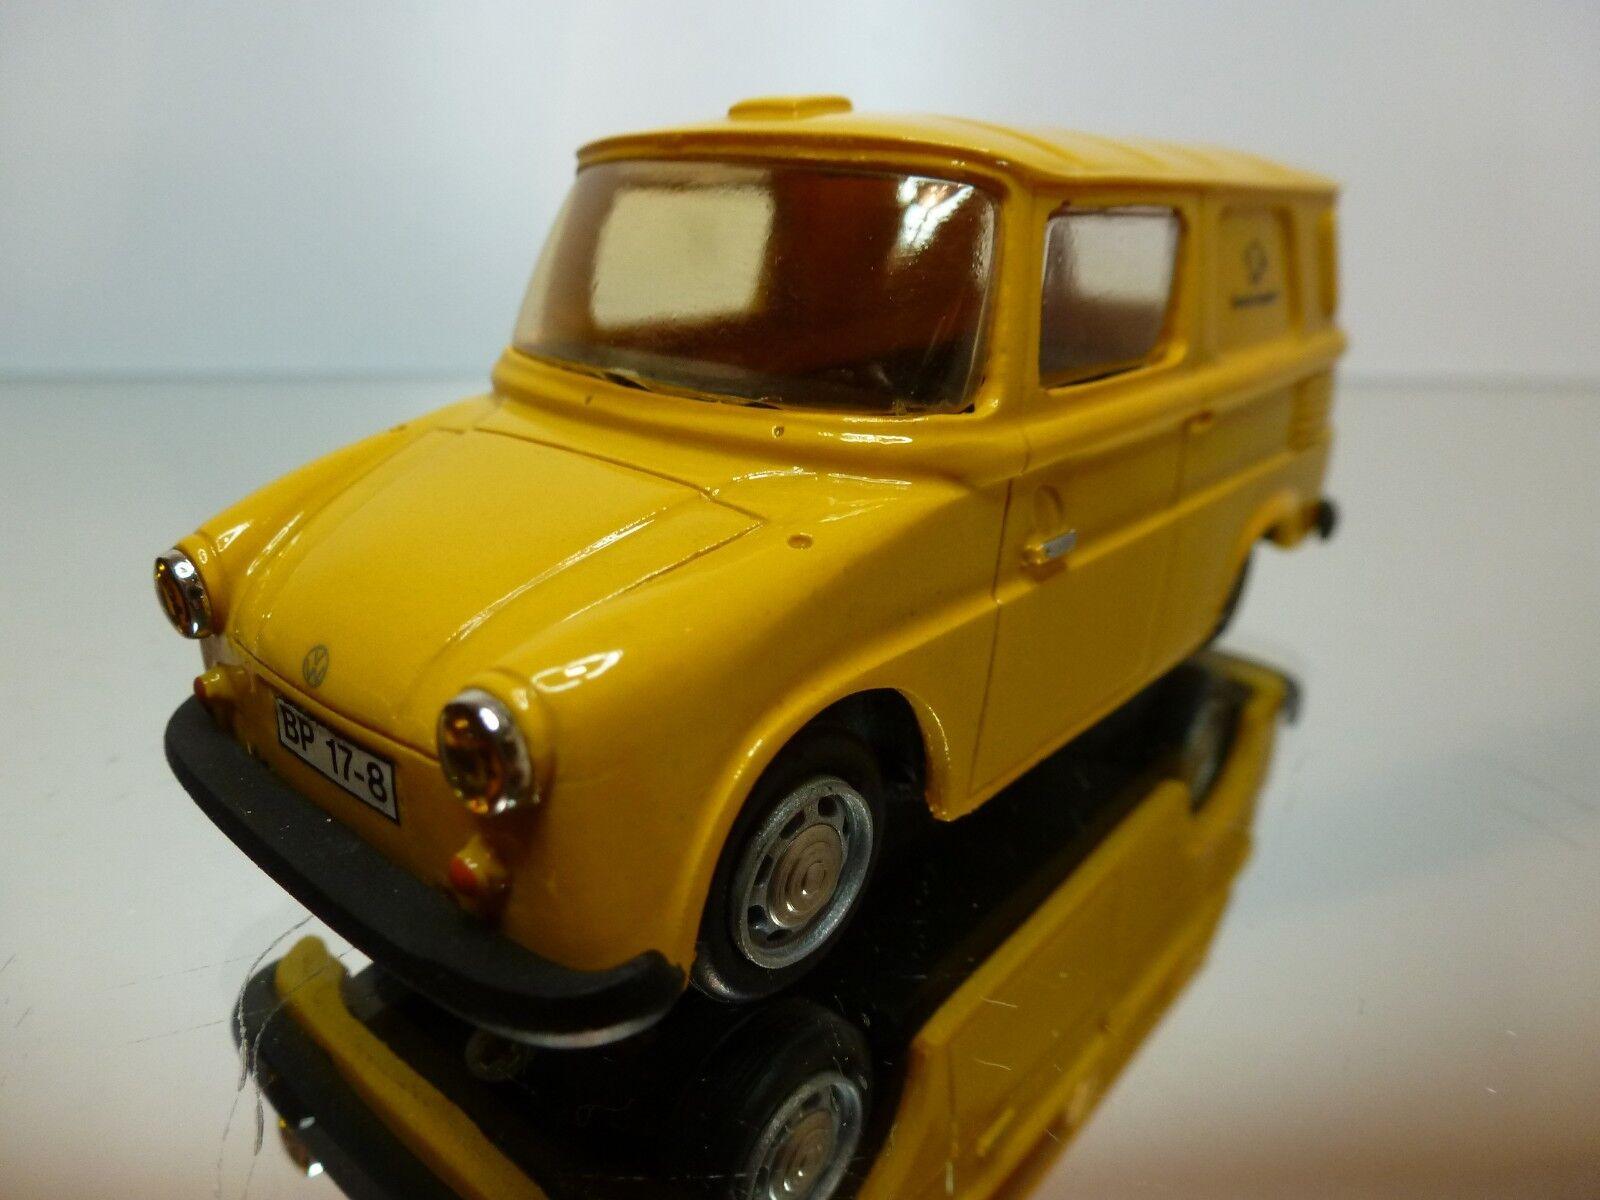 Ministyle vw volkswagen fridolin deutsche bundespost - gelb 1 43 ausgezeichnet.